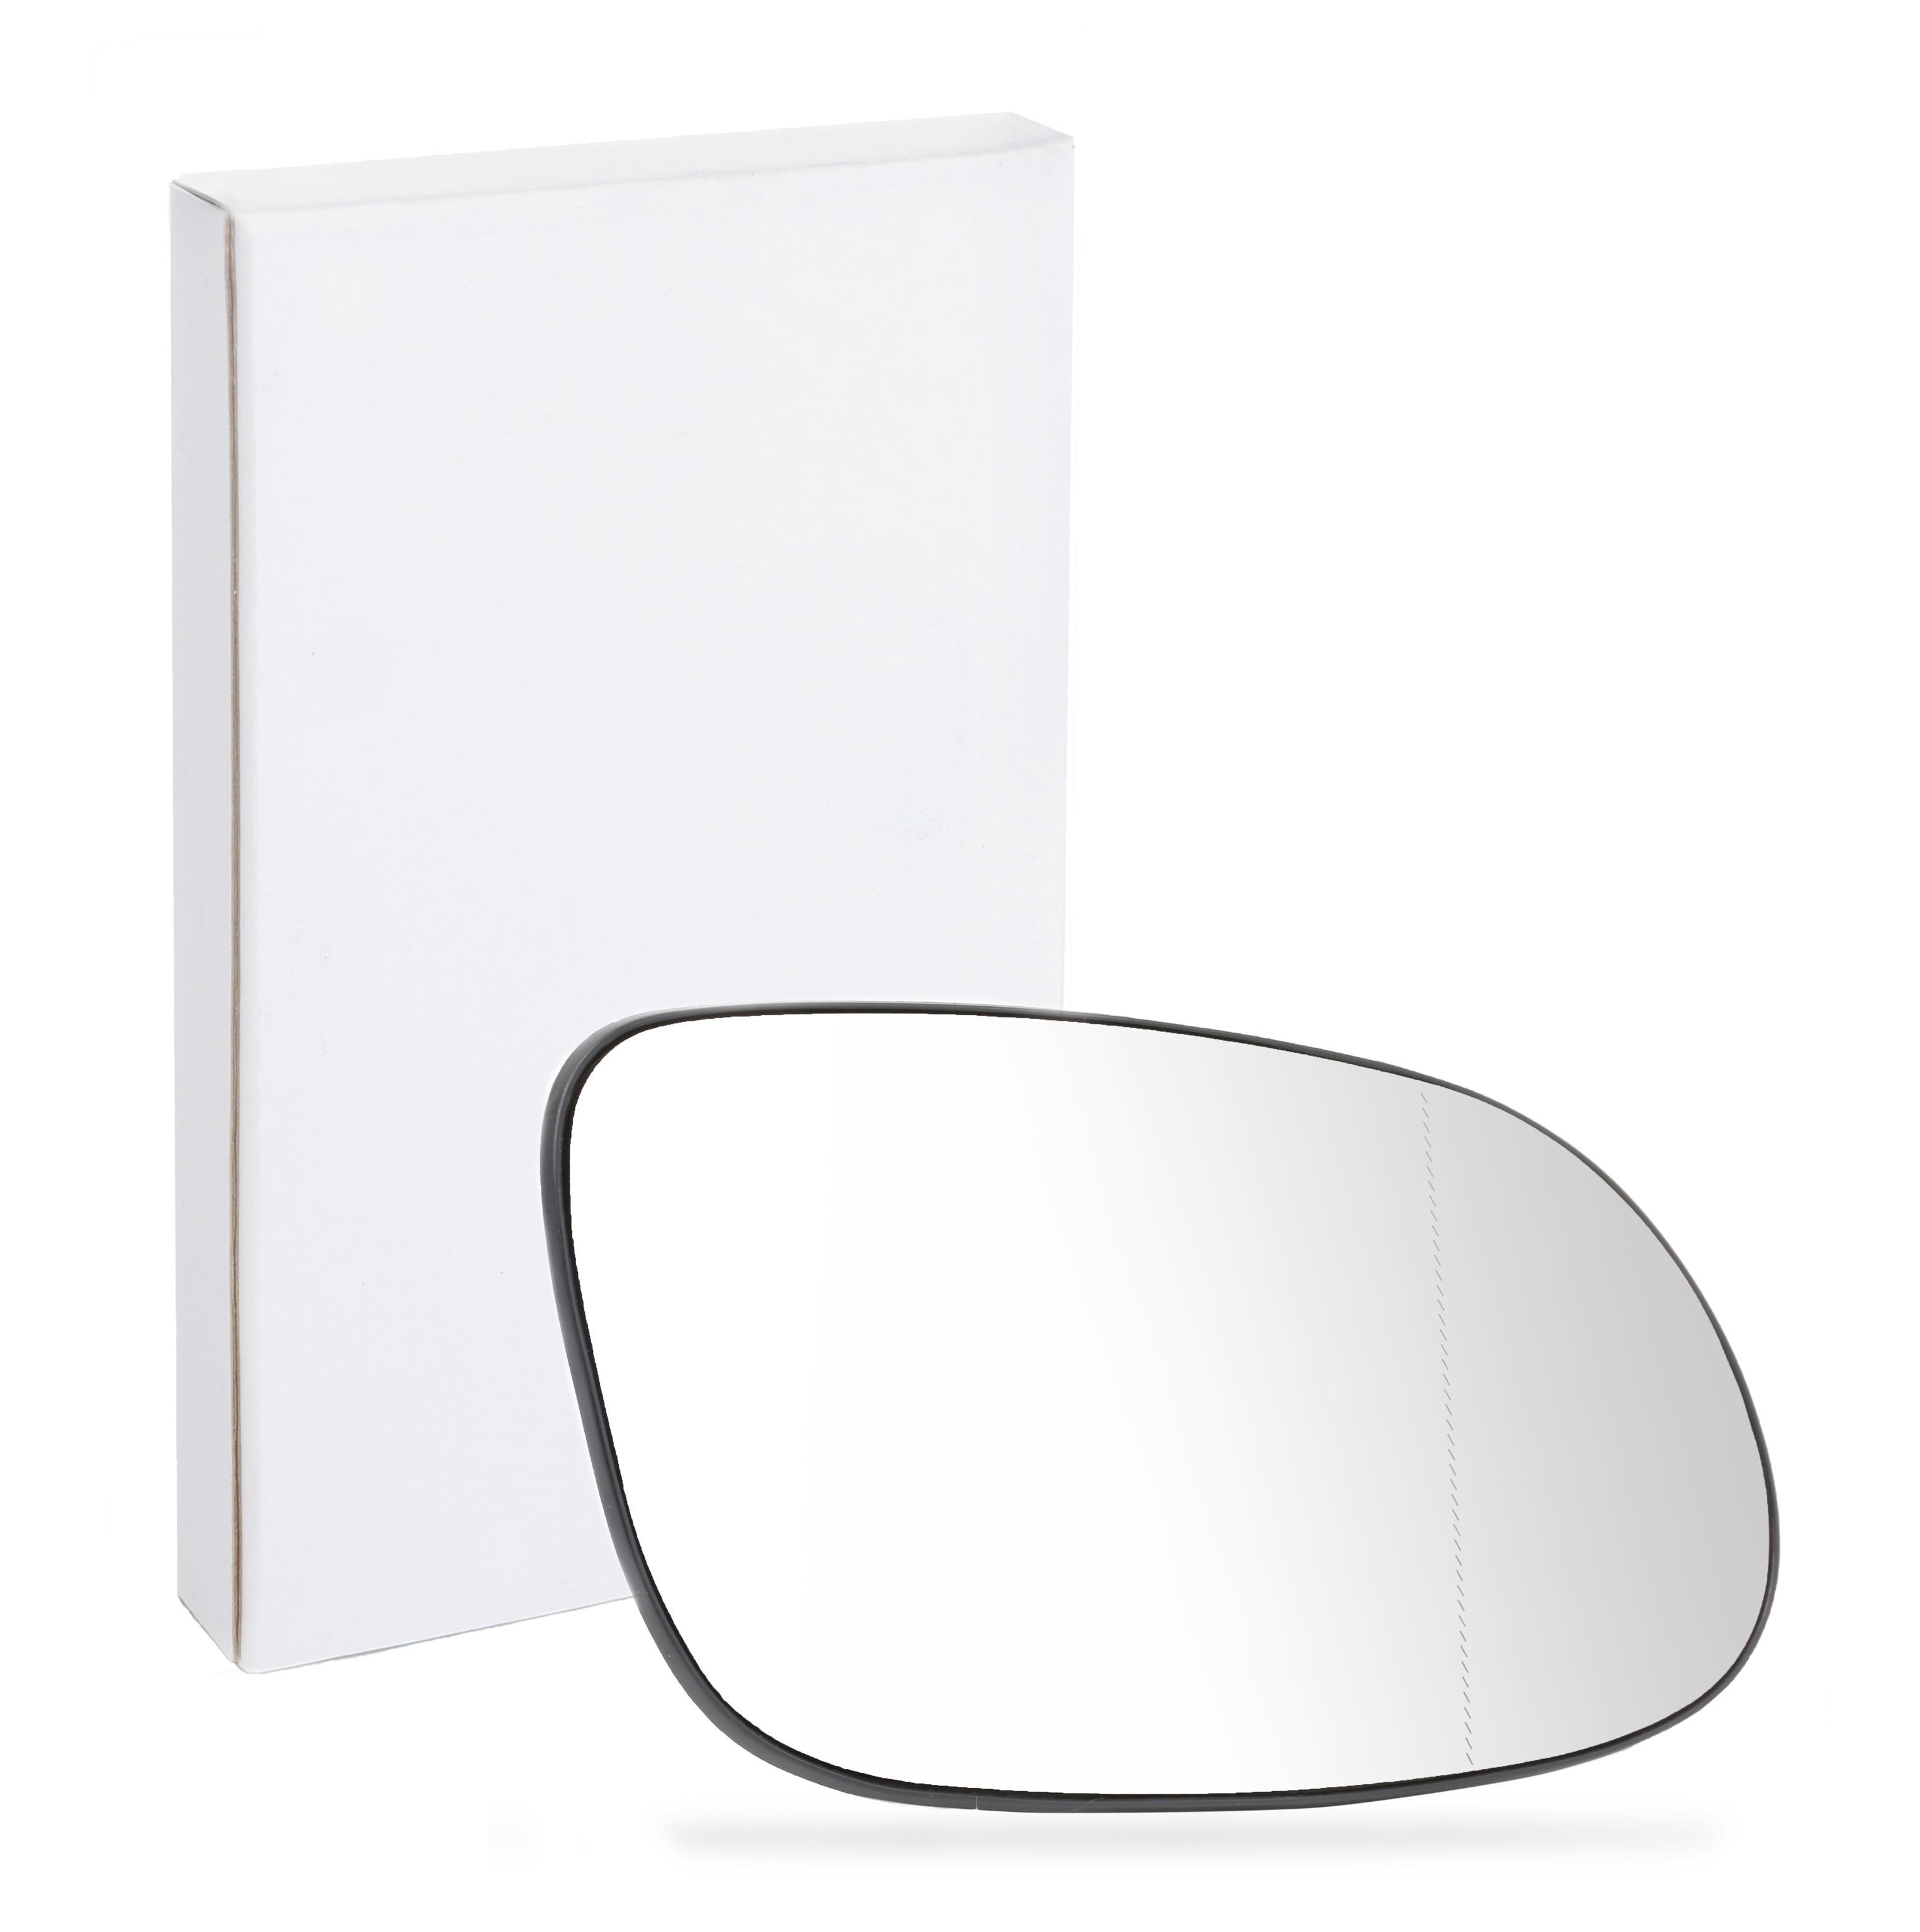 ALKAR Spiegelglas Außenspiegel 6423700 für MERCEDES-BENZ